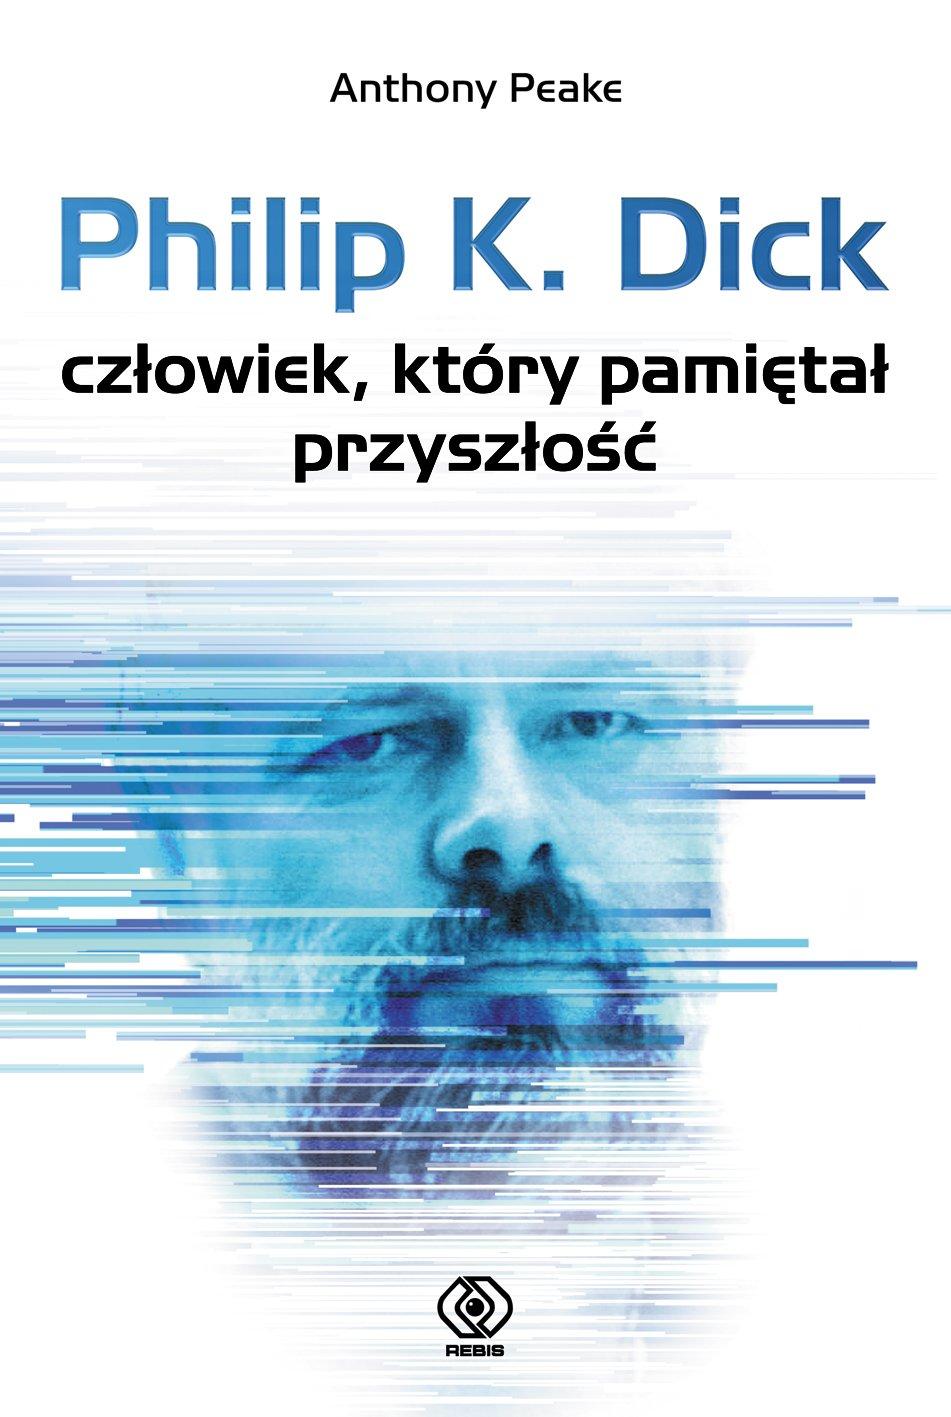 Philip K. Dick - człowiek, który pamiętał przyszłość - Ebook (Książka EPUB) do pobrania w formacie EPUB